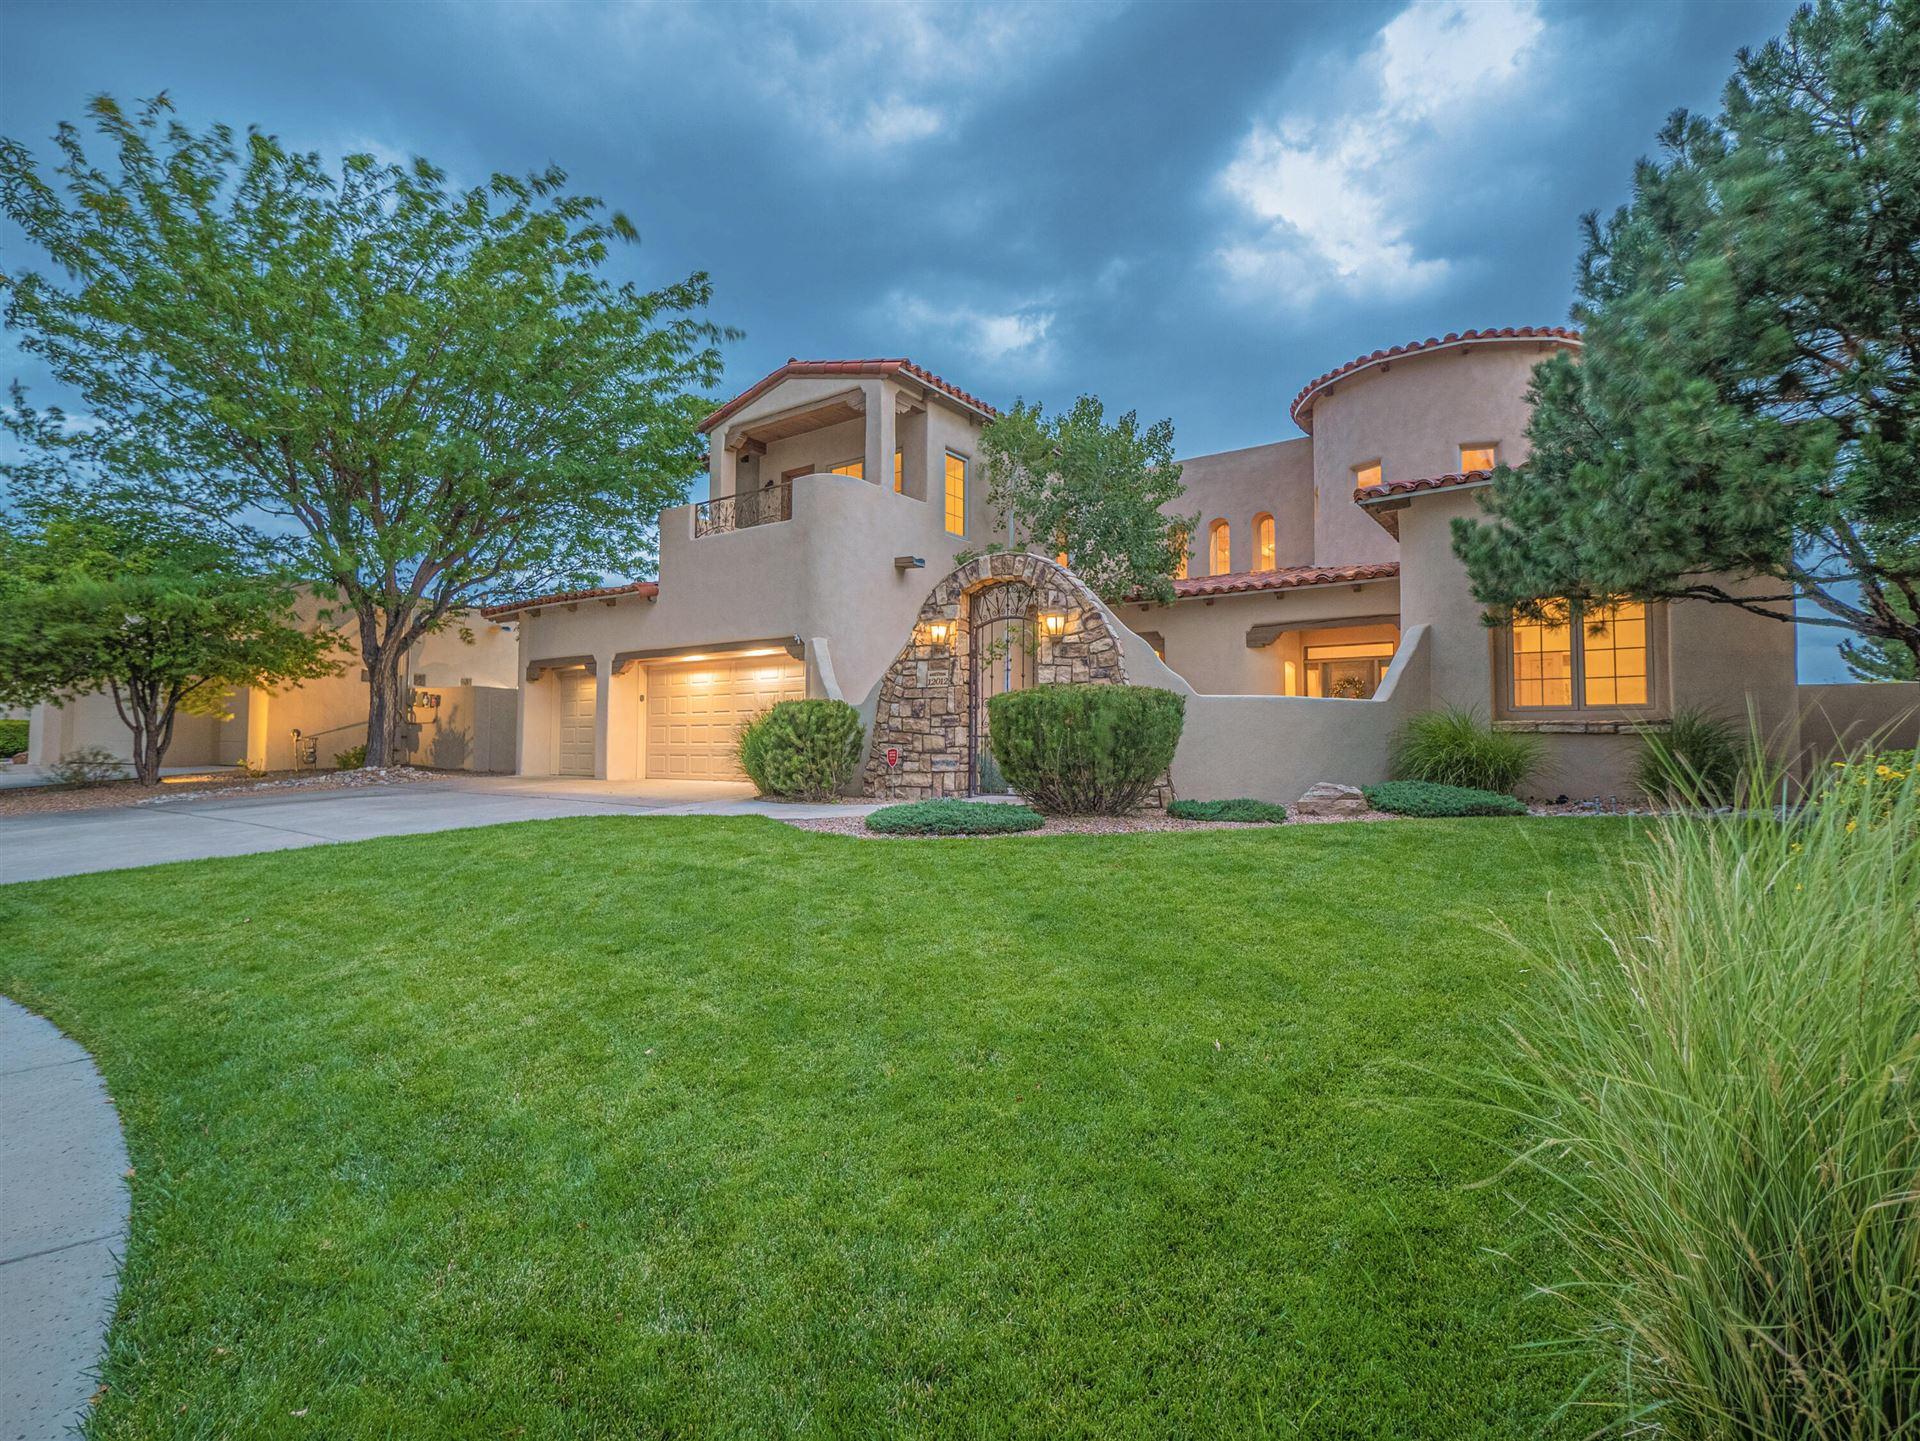 12012 Summer Wind Place NE, Albuquerque, NM 87122 - MLS#: 995575